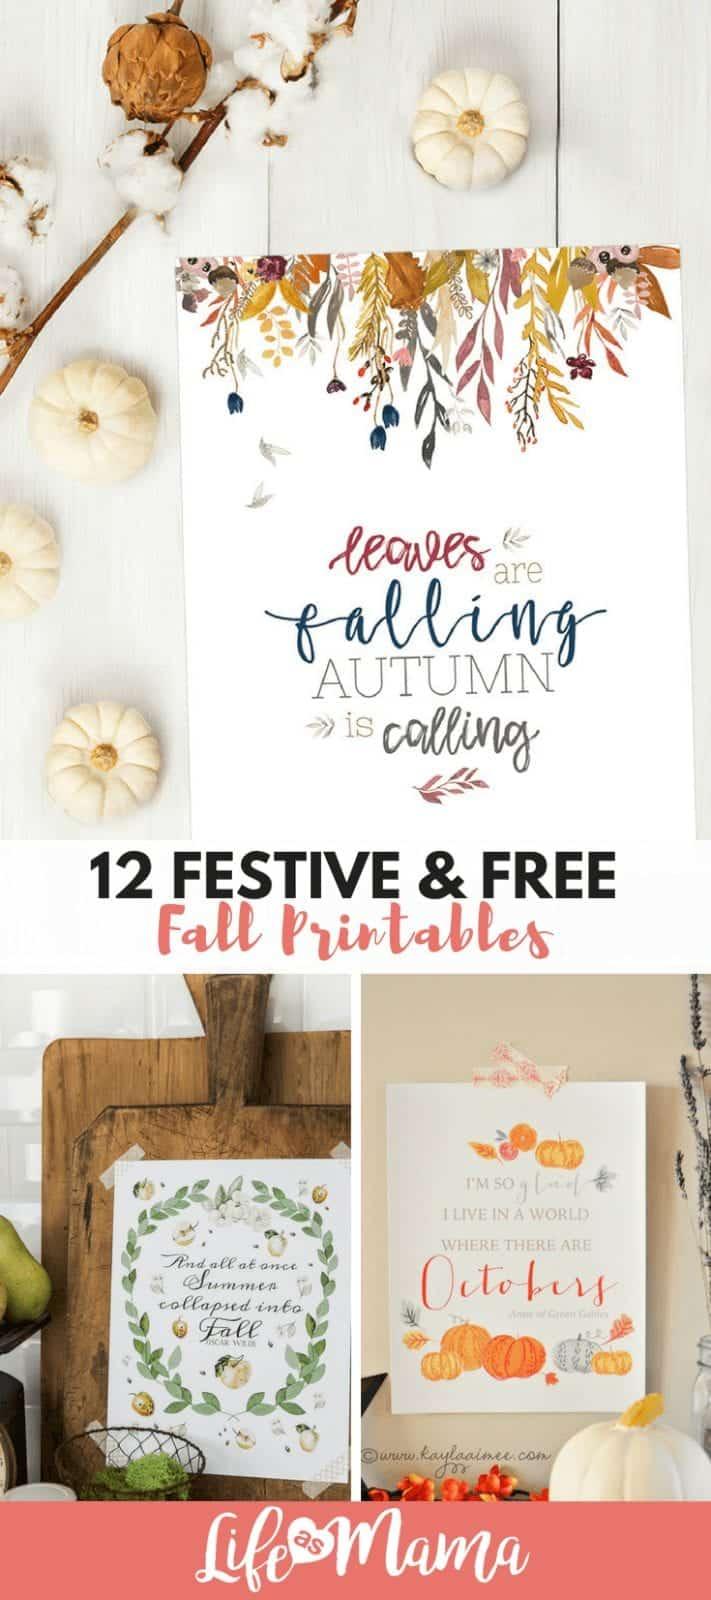 12 Festive & Free Fall Printables